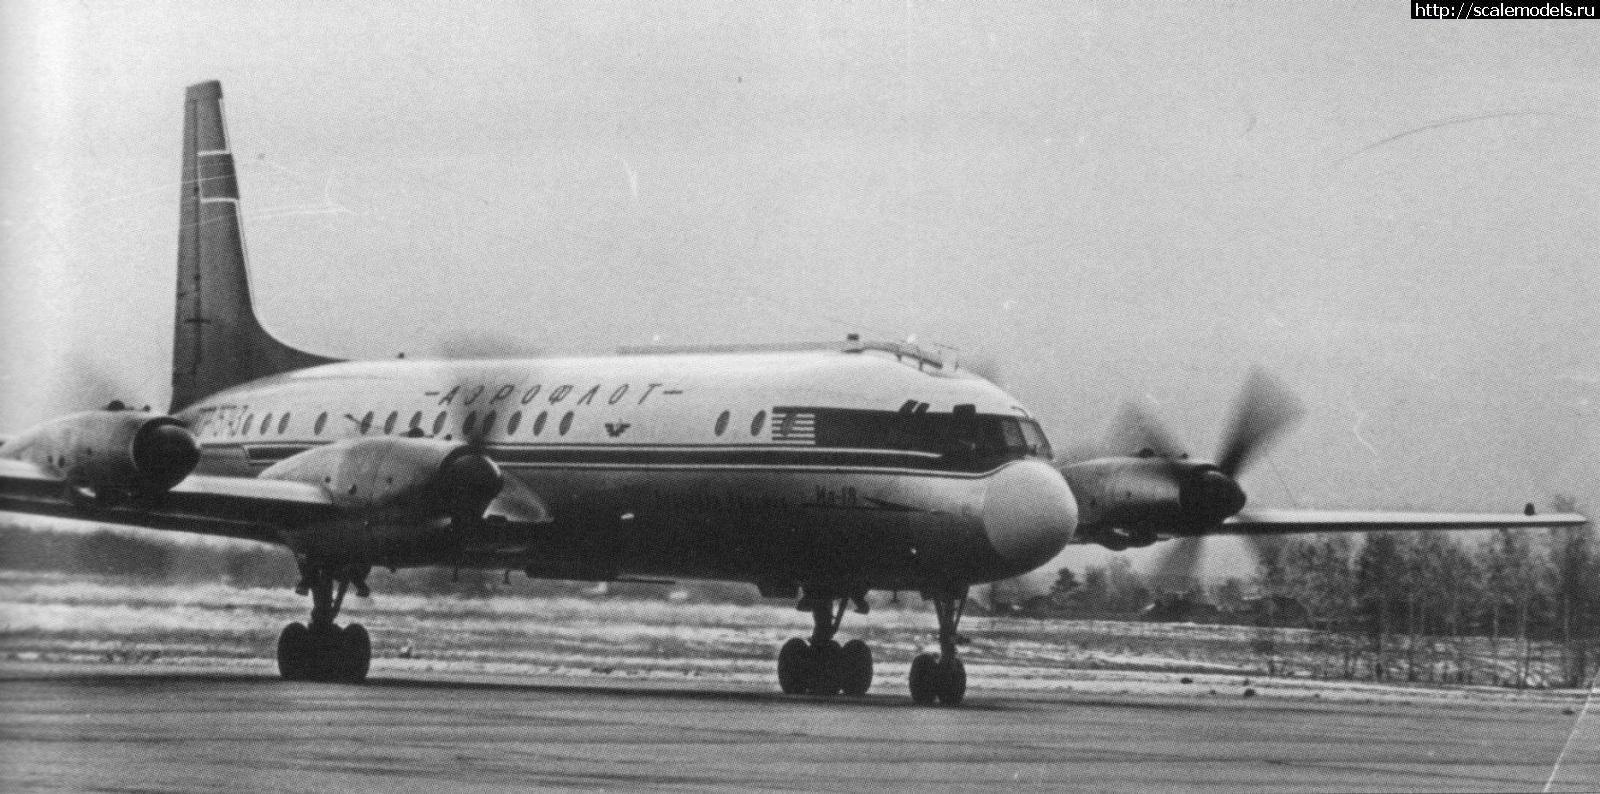 #1603563/ Восточный Экспресс 1/144 Ил-18В - По...(#13918) - обсуждение Закрыть окно